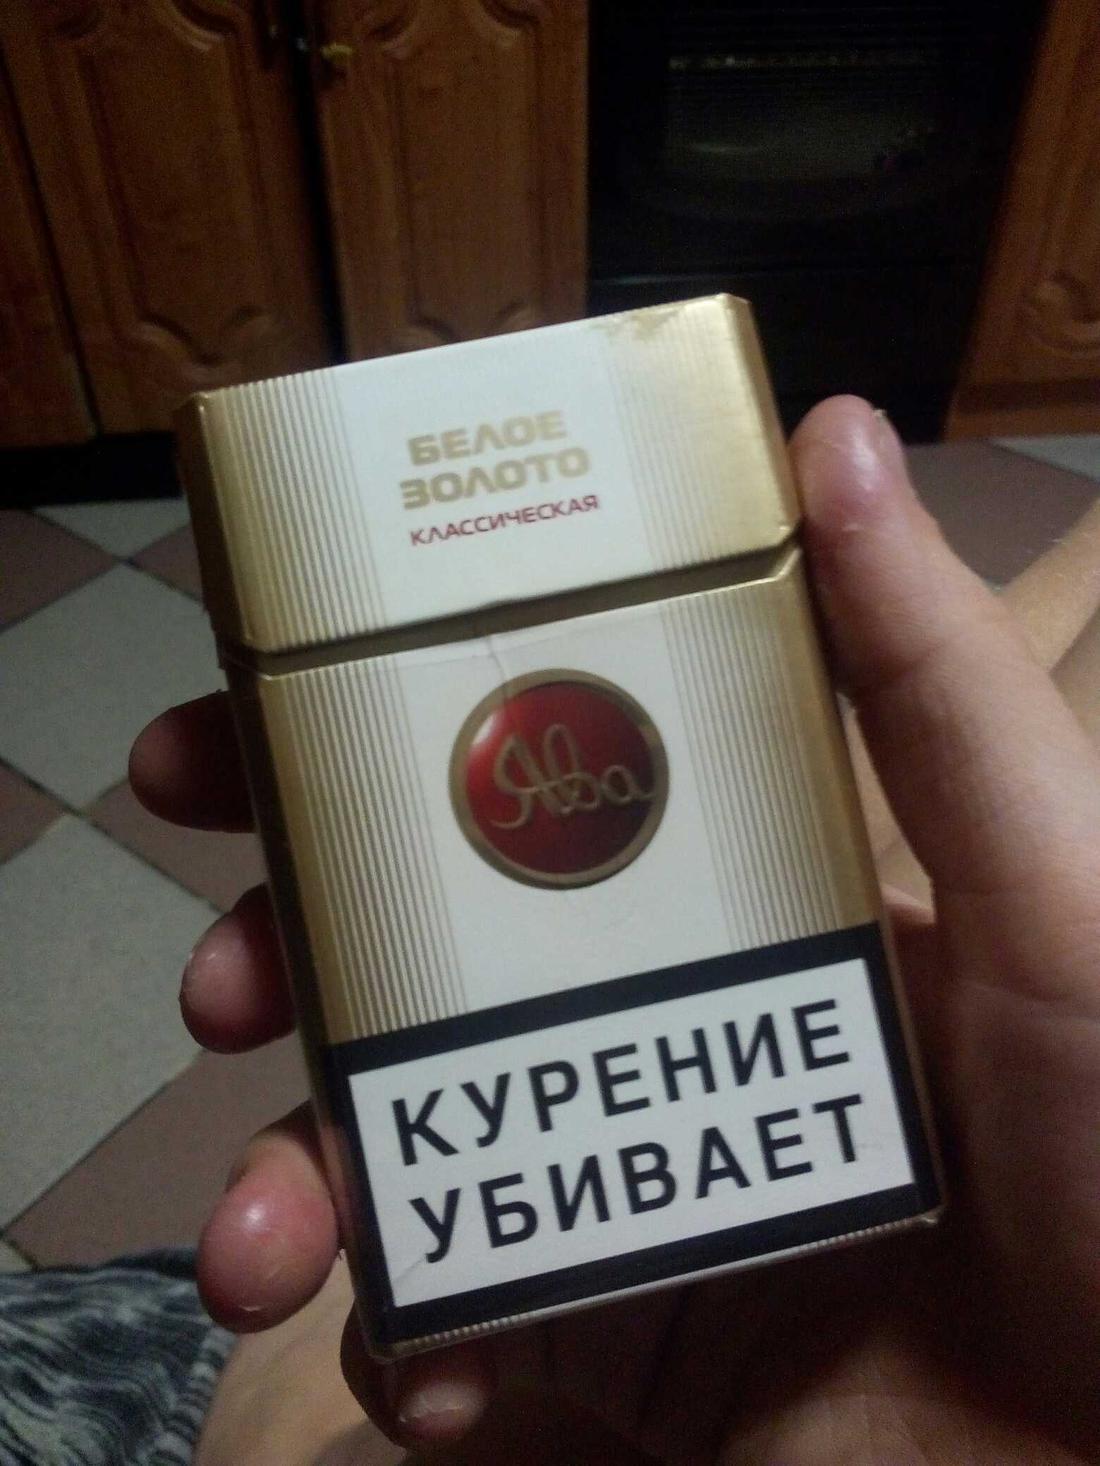 Купить сигареты ява белое золото классическая купить жидкости для электронных сигарет с никотином